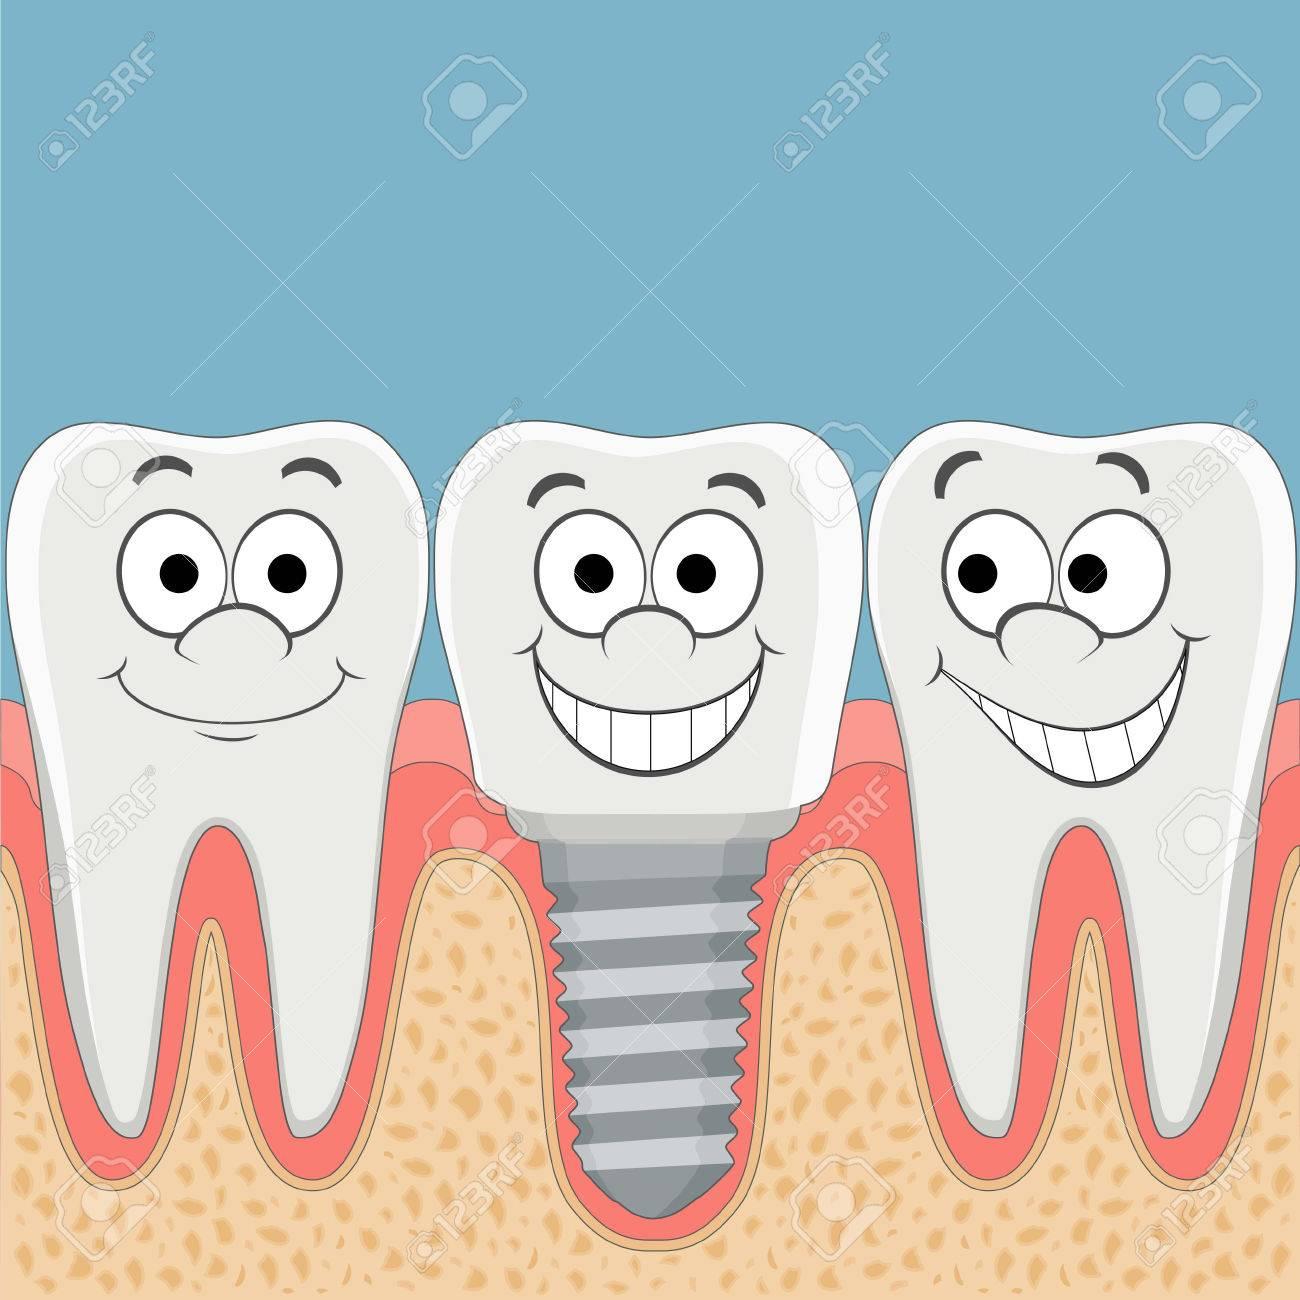 Dientes Humanos E Implantes Dentales. Ilustración Vectorial De ...